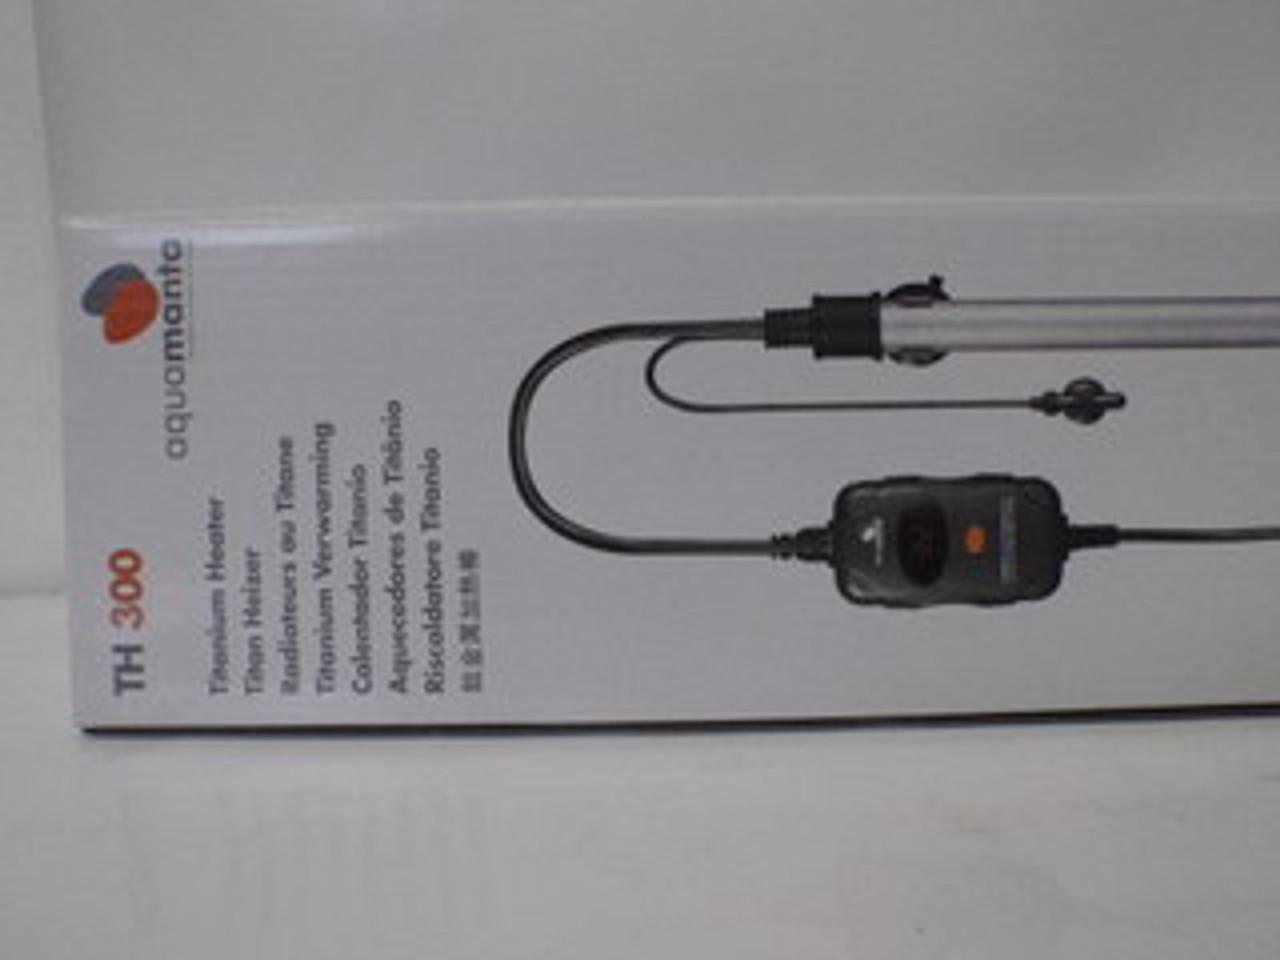 AquaManta 300w Titanium Heater